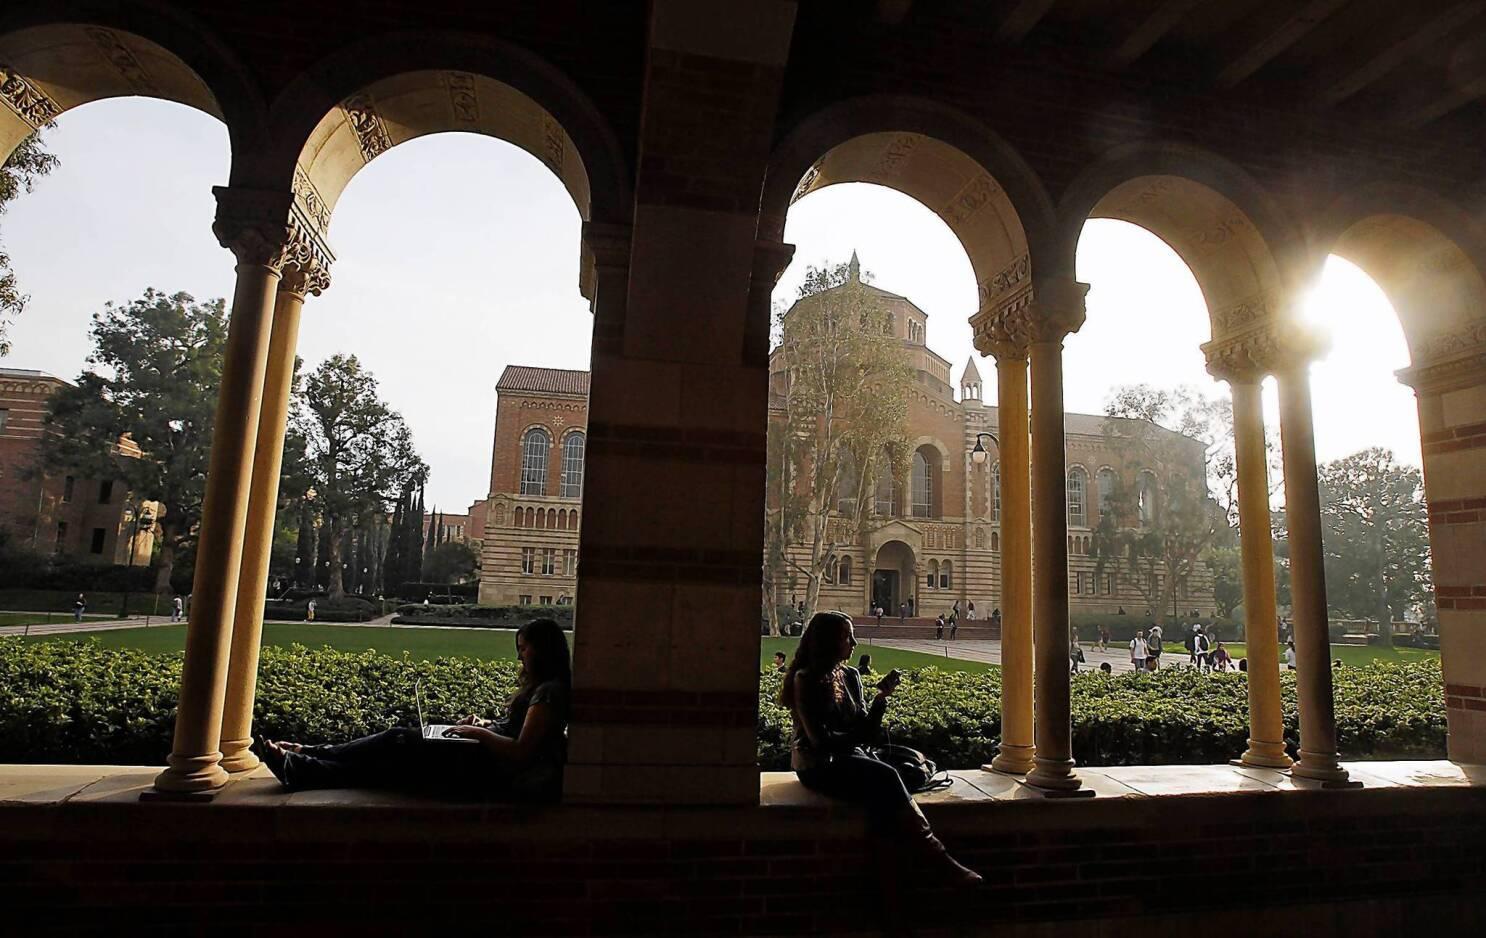 College admissions scandal: Rick Singer helped him get UCLA scholarship